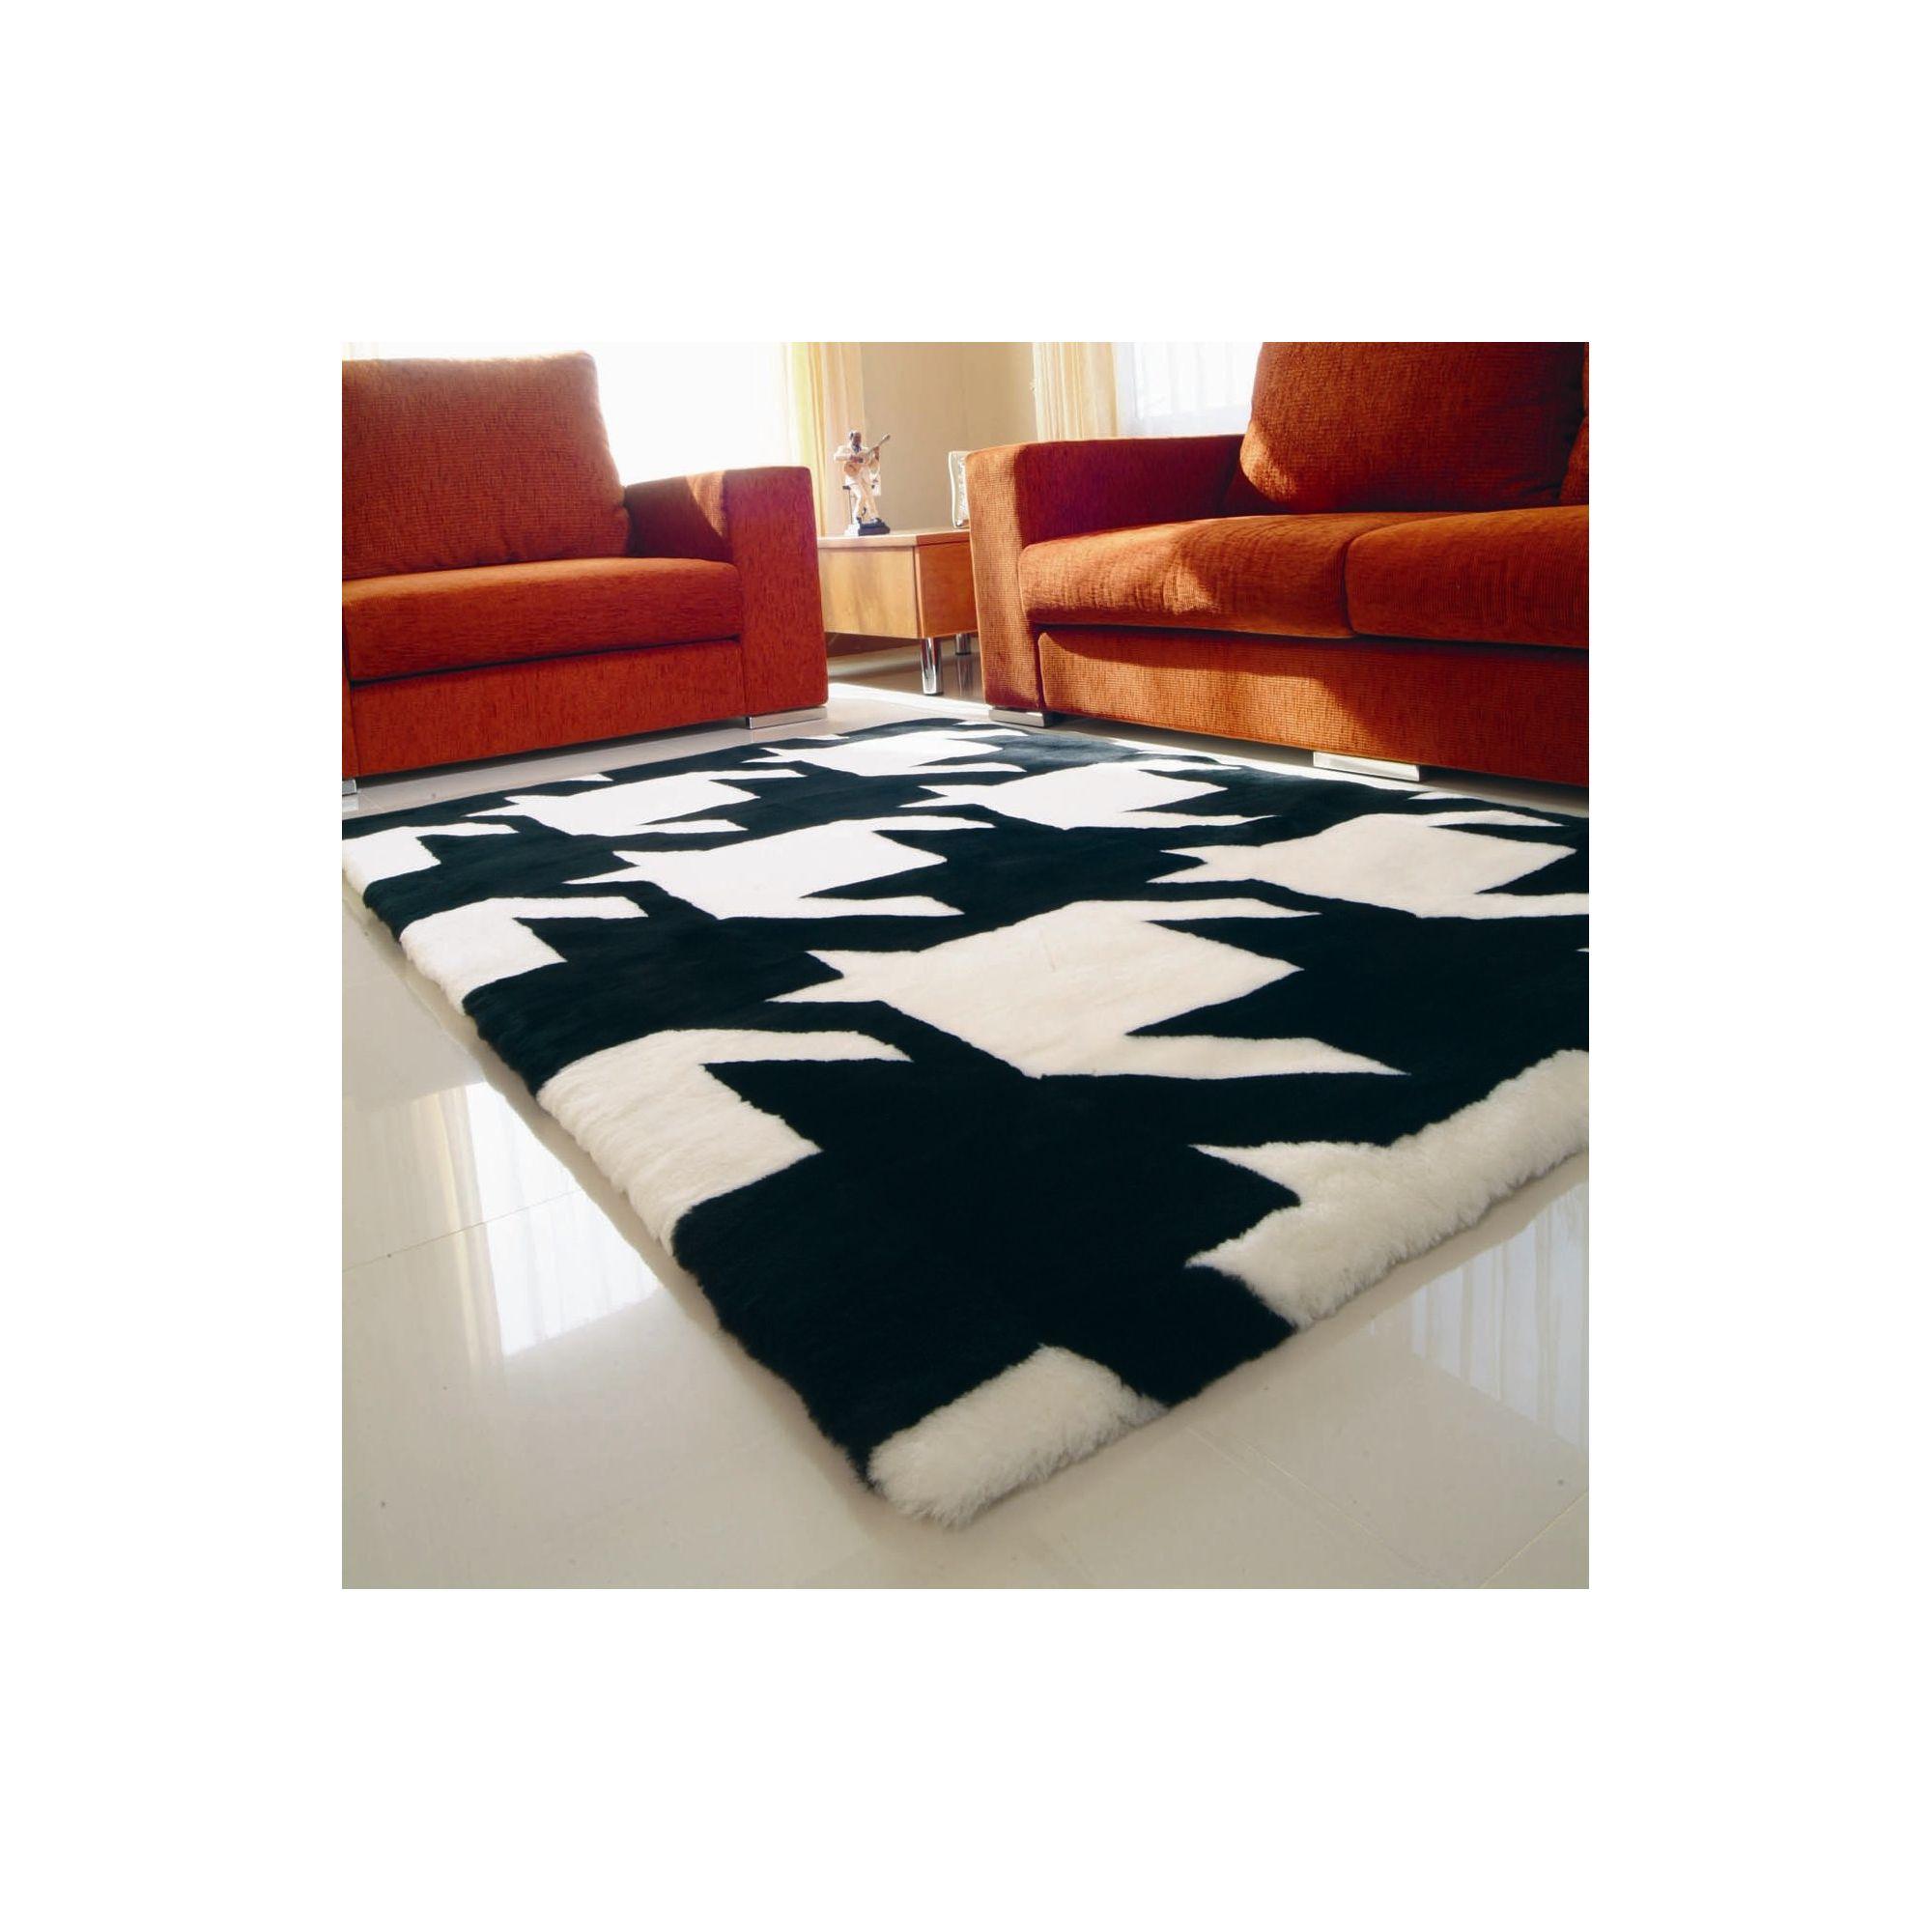 Bowron Sheepskin Shortwool Design Vertigo Rug - 300cm H x 200cm W x 1cm D